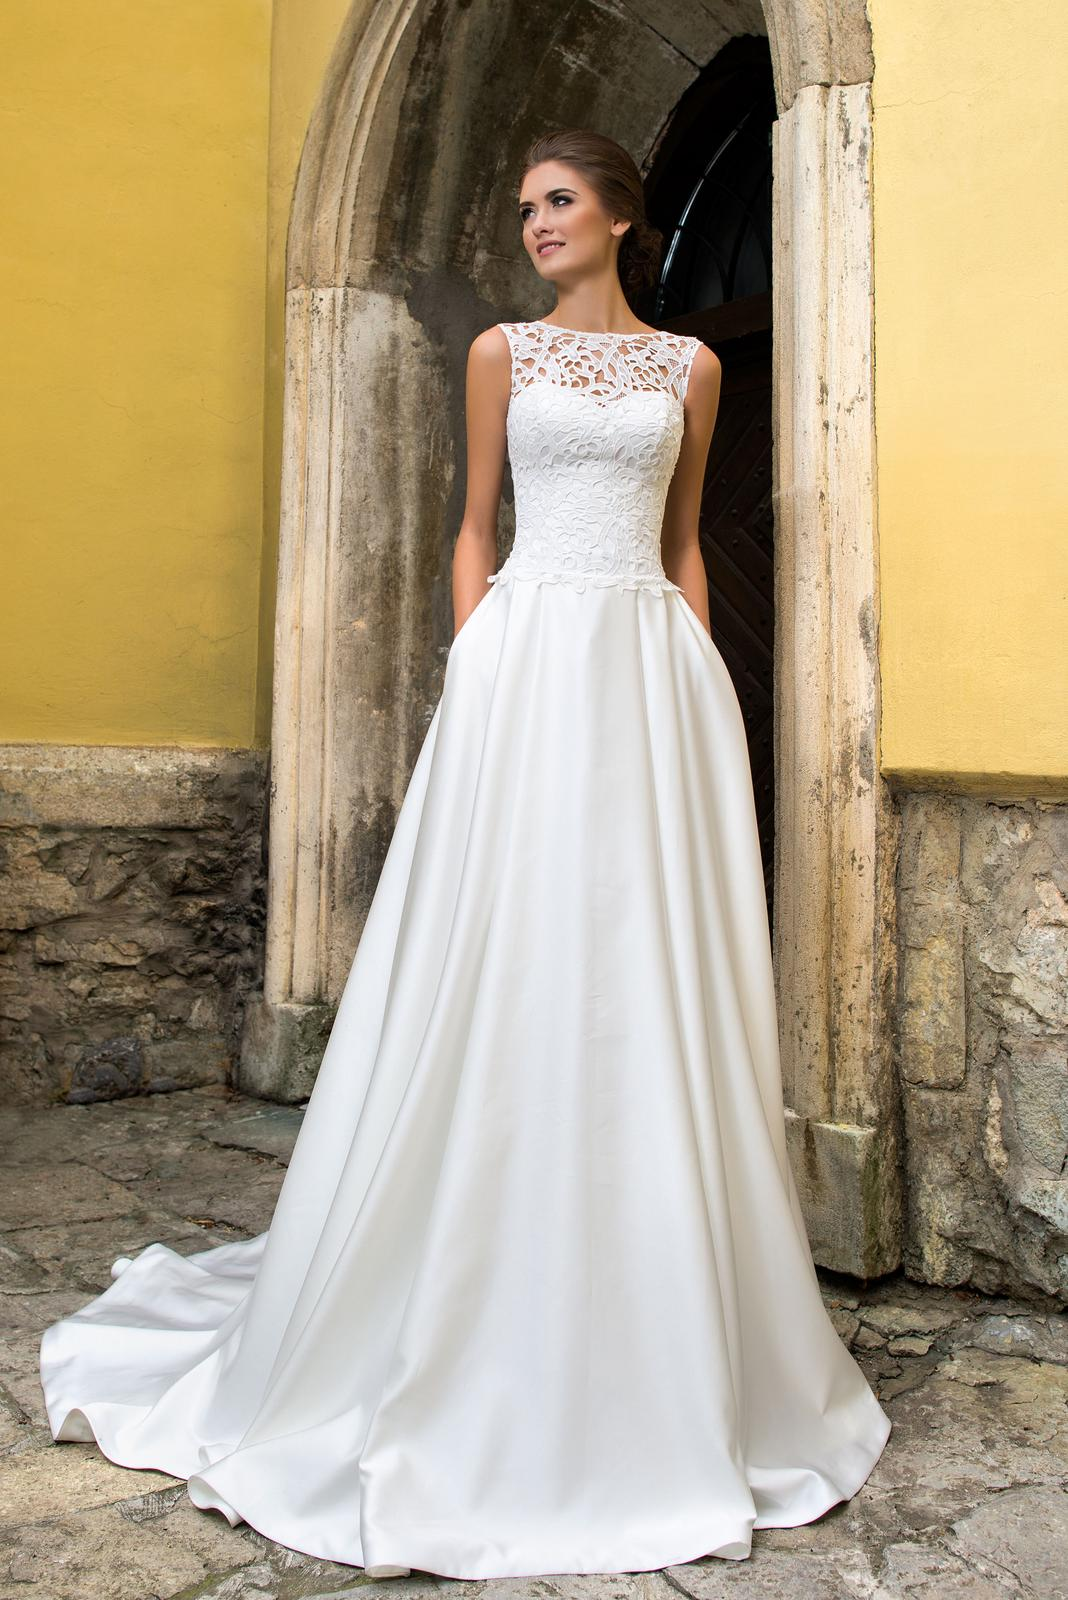 64340e3b3771 Svadobné šaty s vlečkou - na mieru